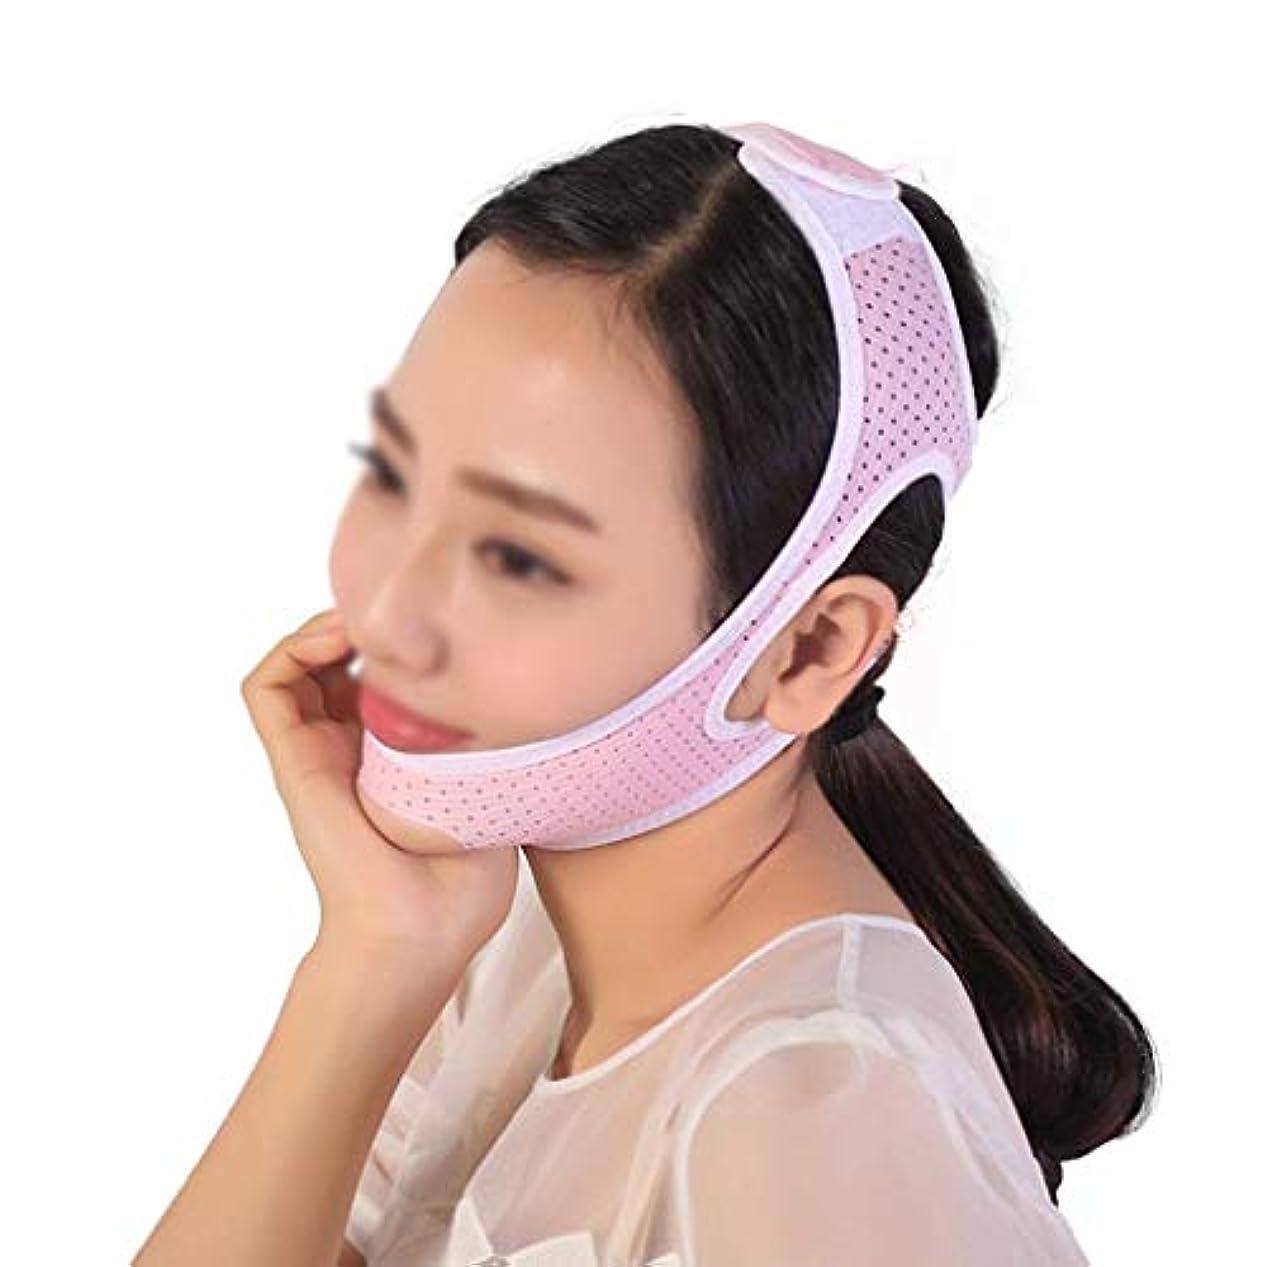 フェイスリフトマスク、顔の皮膚の首のあごのラインを改善、リフトフェイス、細い頬マスク、細いチンチーク細いV(ピンク)(サイズ:M),M